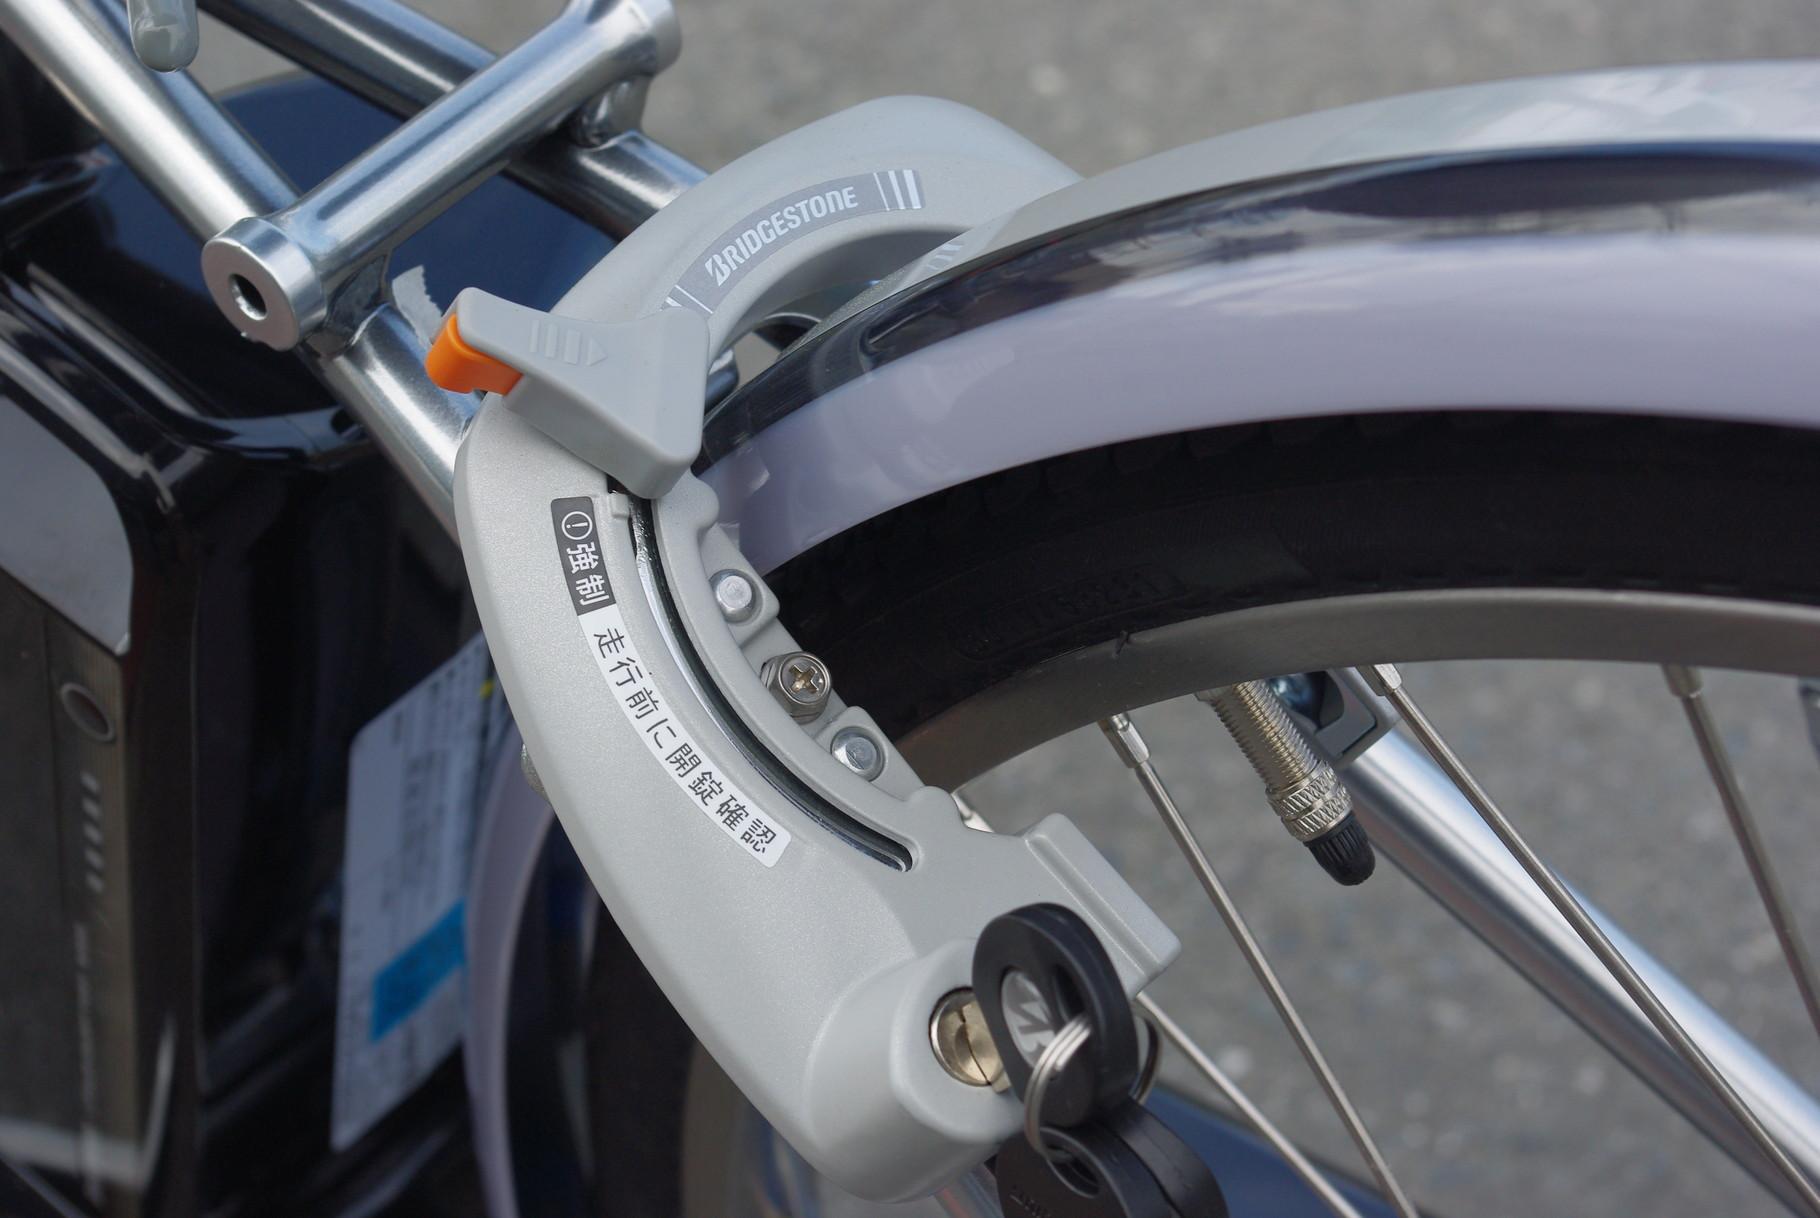 後輪ロックでハンドルも同時施錠する、一発二錠装備。3年間の盗難補償が付いています。安心ですね。